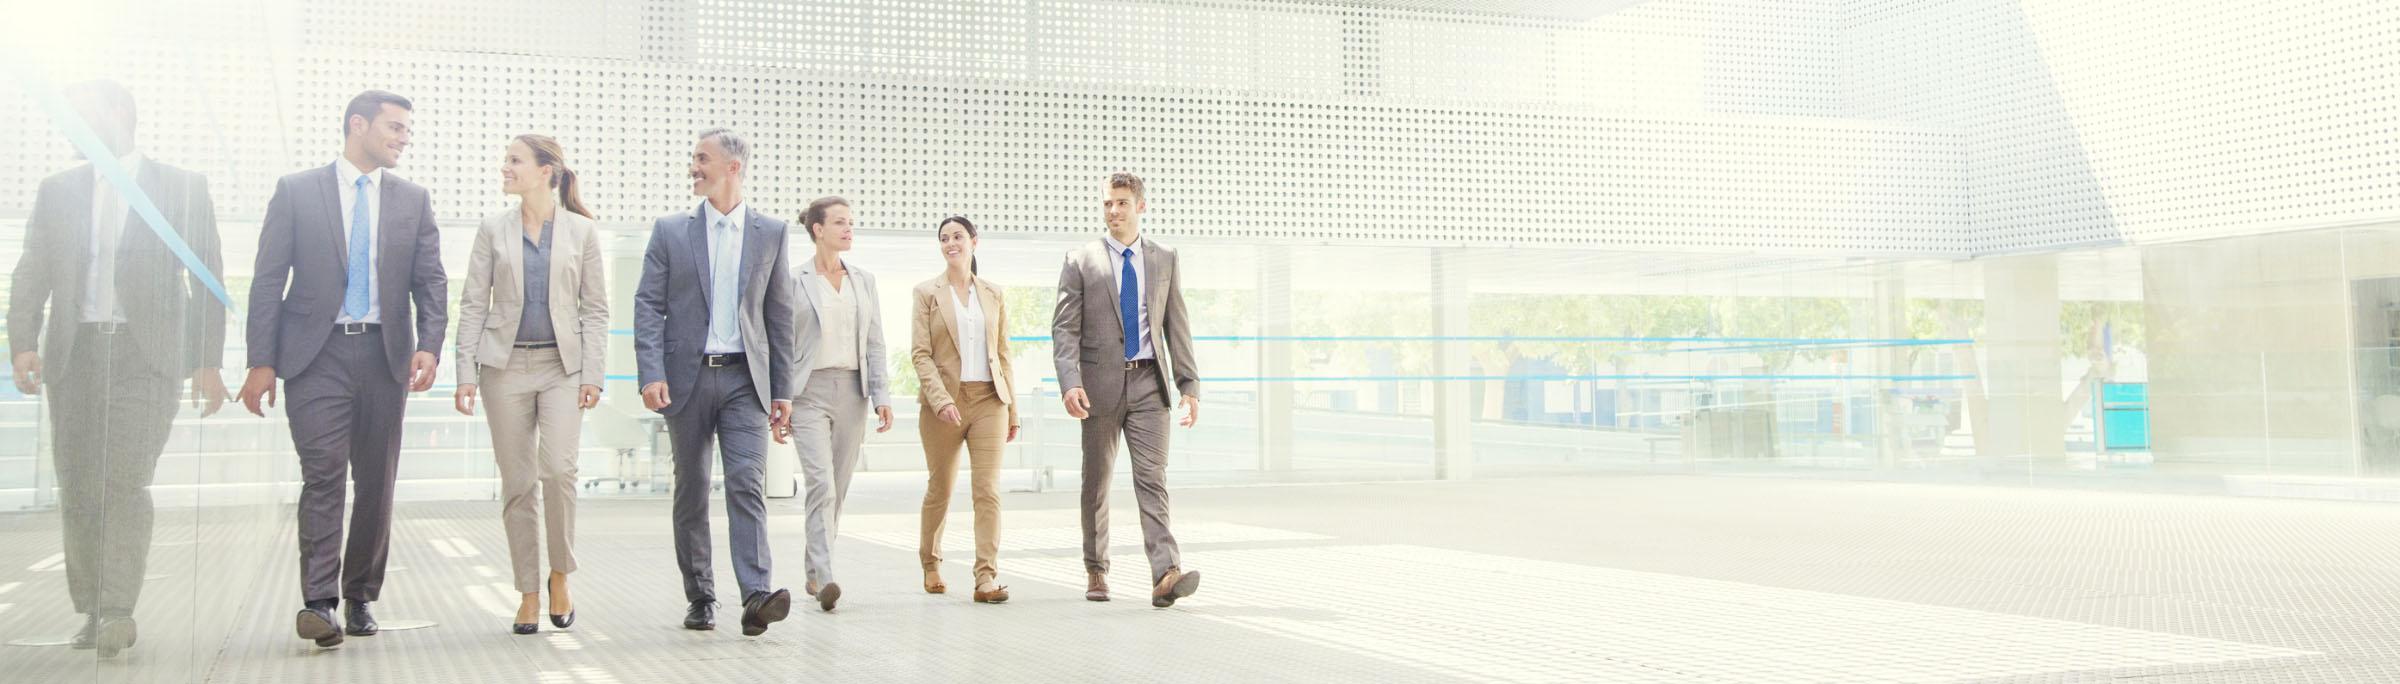 BBVA Seguros forma parte del Grupo BBVA, grupo financiero con una elevada solvencia y rentabilidad. Comercializa seguros de vida y generales.